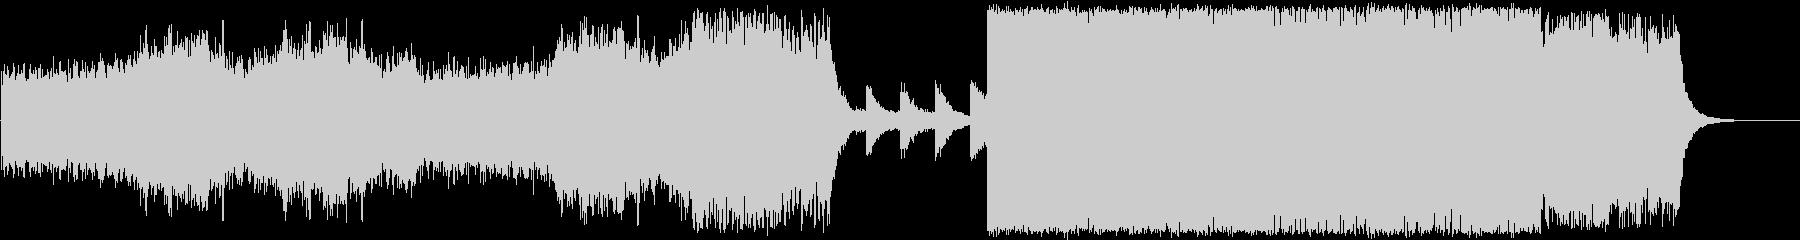 美しいドラムンベース/テクスチャーの未再生の波形